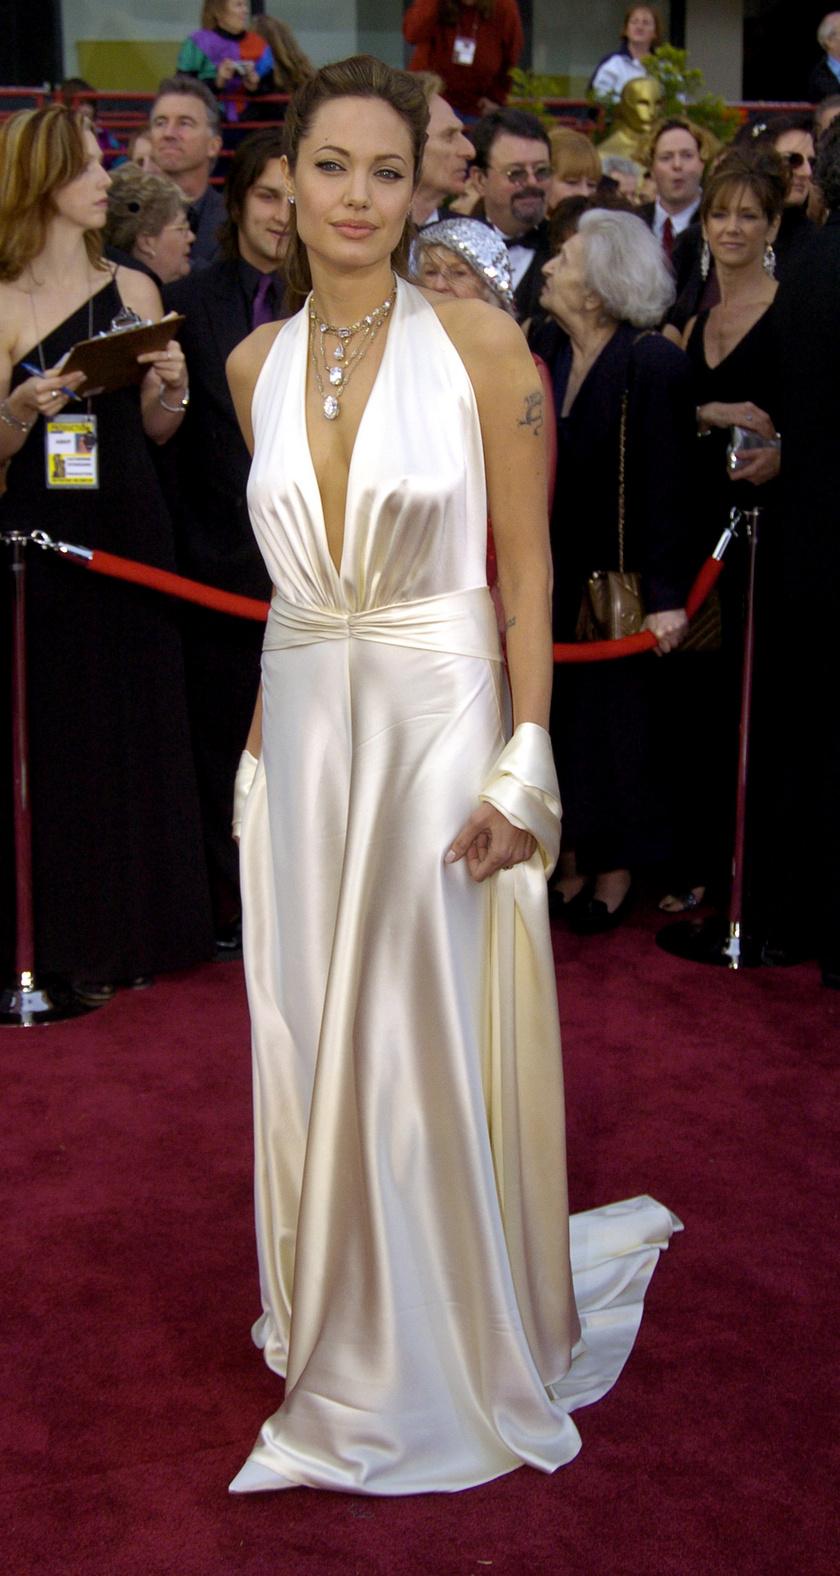 Az első helyezett: Angelina Jolie a 2004-es Oscar vörös szőnyegén, Marc Bouwer selyemcsodájában.